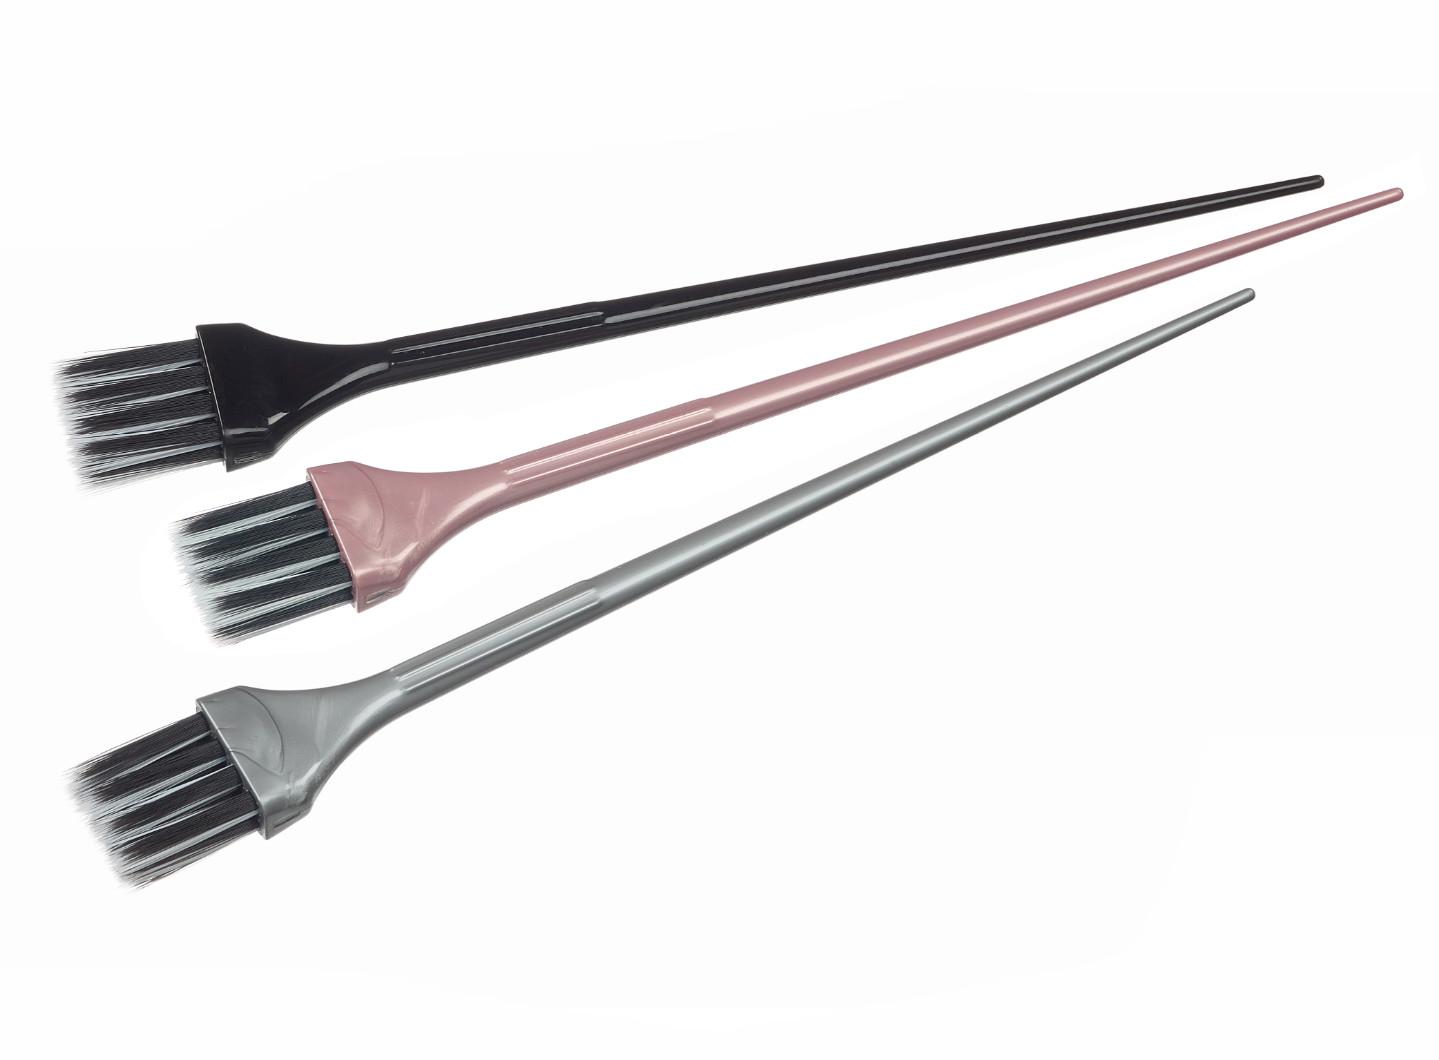 Sada štětců na barvení vlasů Sibel - 2 cm, 3 ks (6600571)